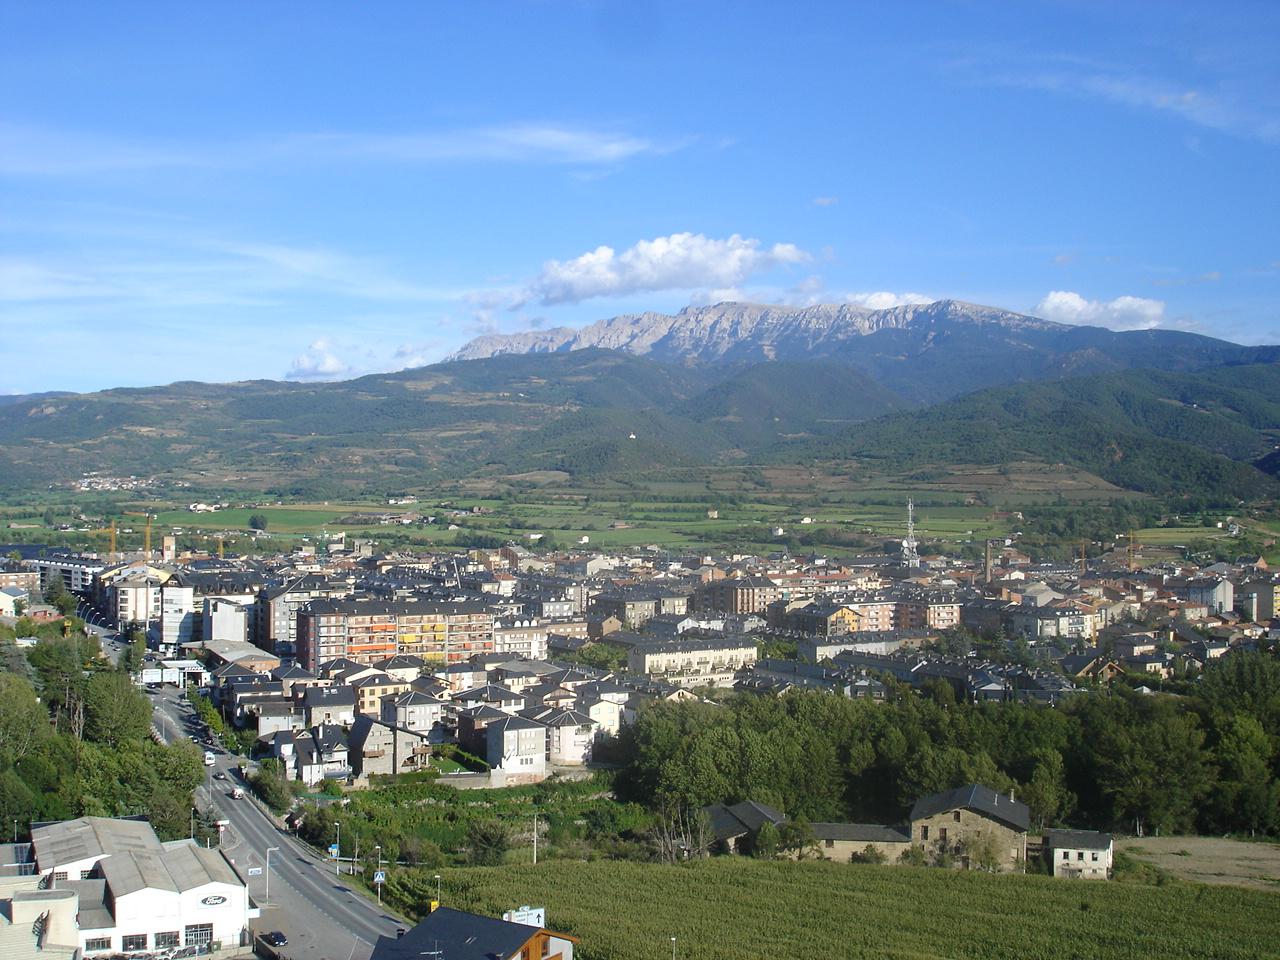 Solsona Spain  city photos gallery : La Seu d'Urgell Torre Solsona Wikimedia Commons